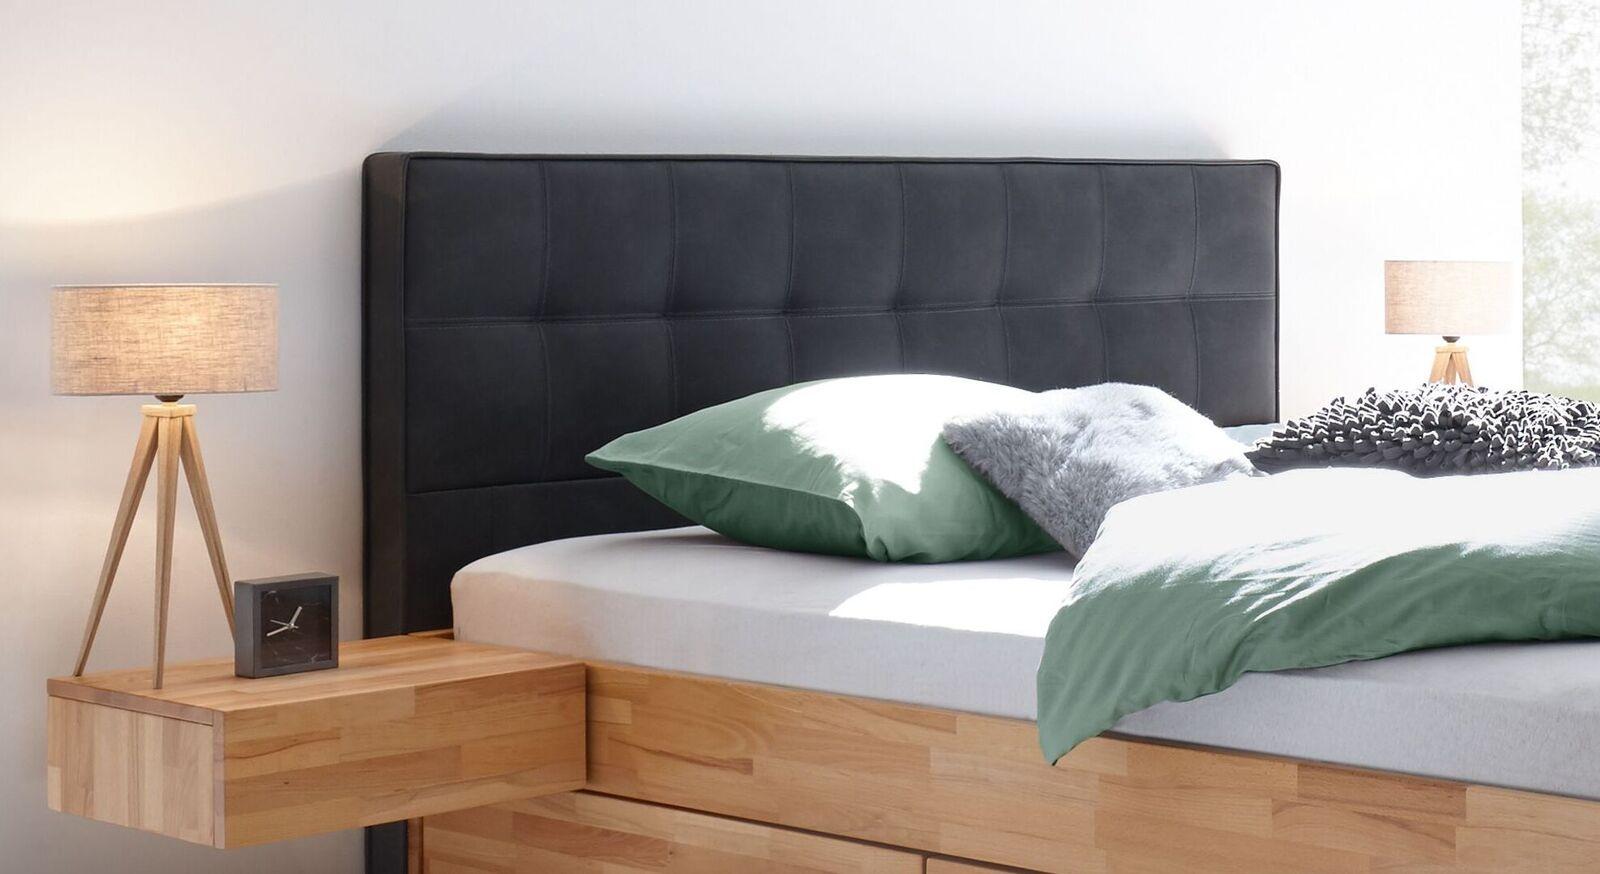 Schubkasten-Doppelbett Mirenda mit dunklem Kopfteil